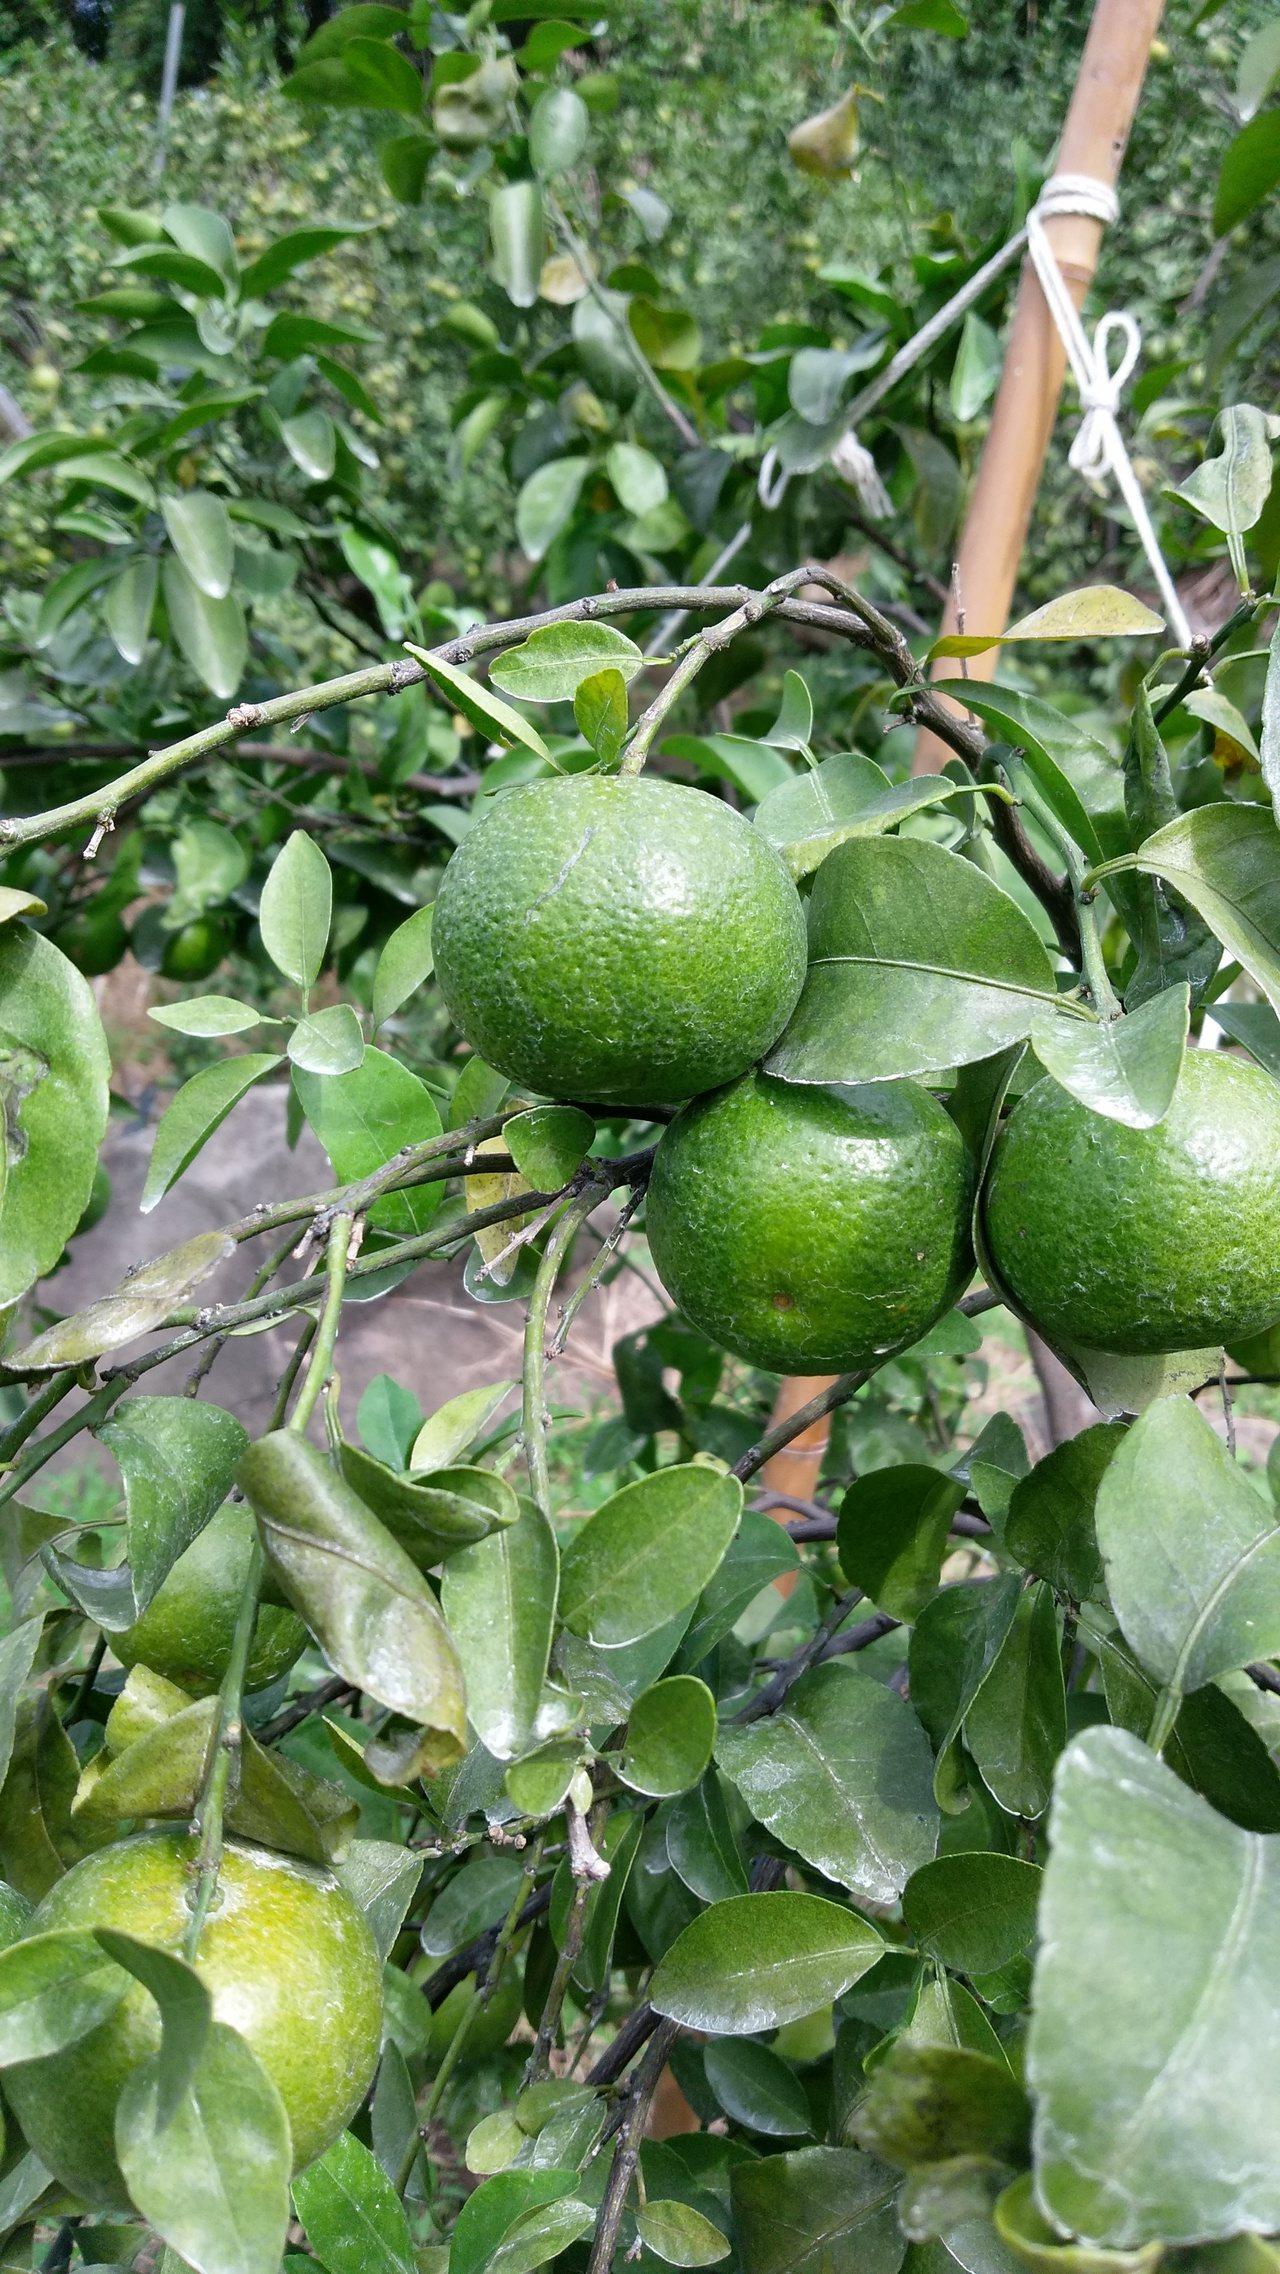 八里區柑橘品種之一沙糖桔。圖/新北市農業局提供